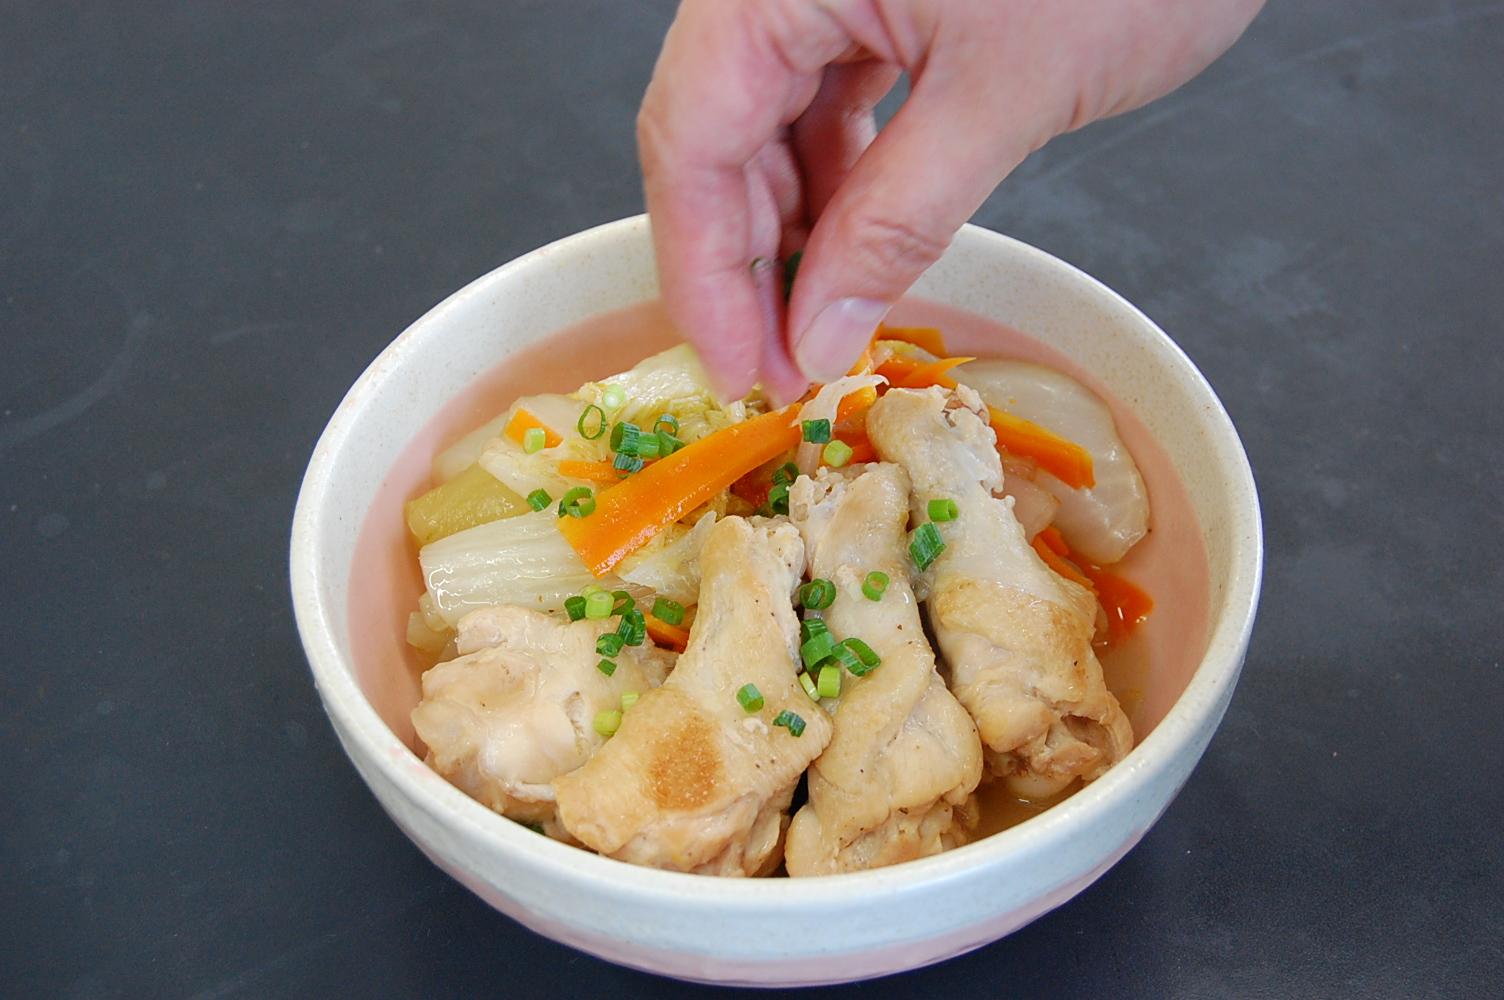 手羽元と白菜の煮込み:手順3